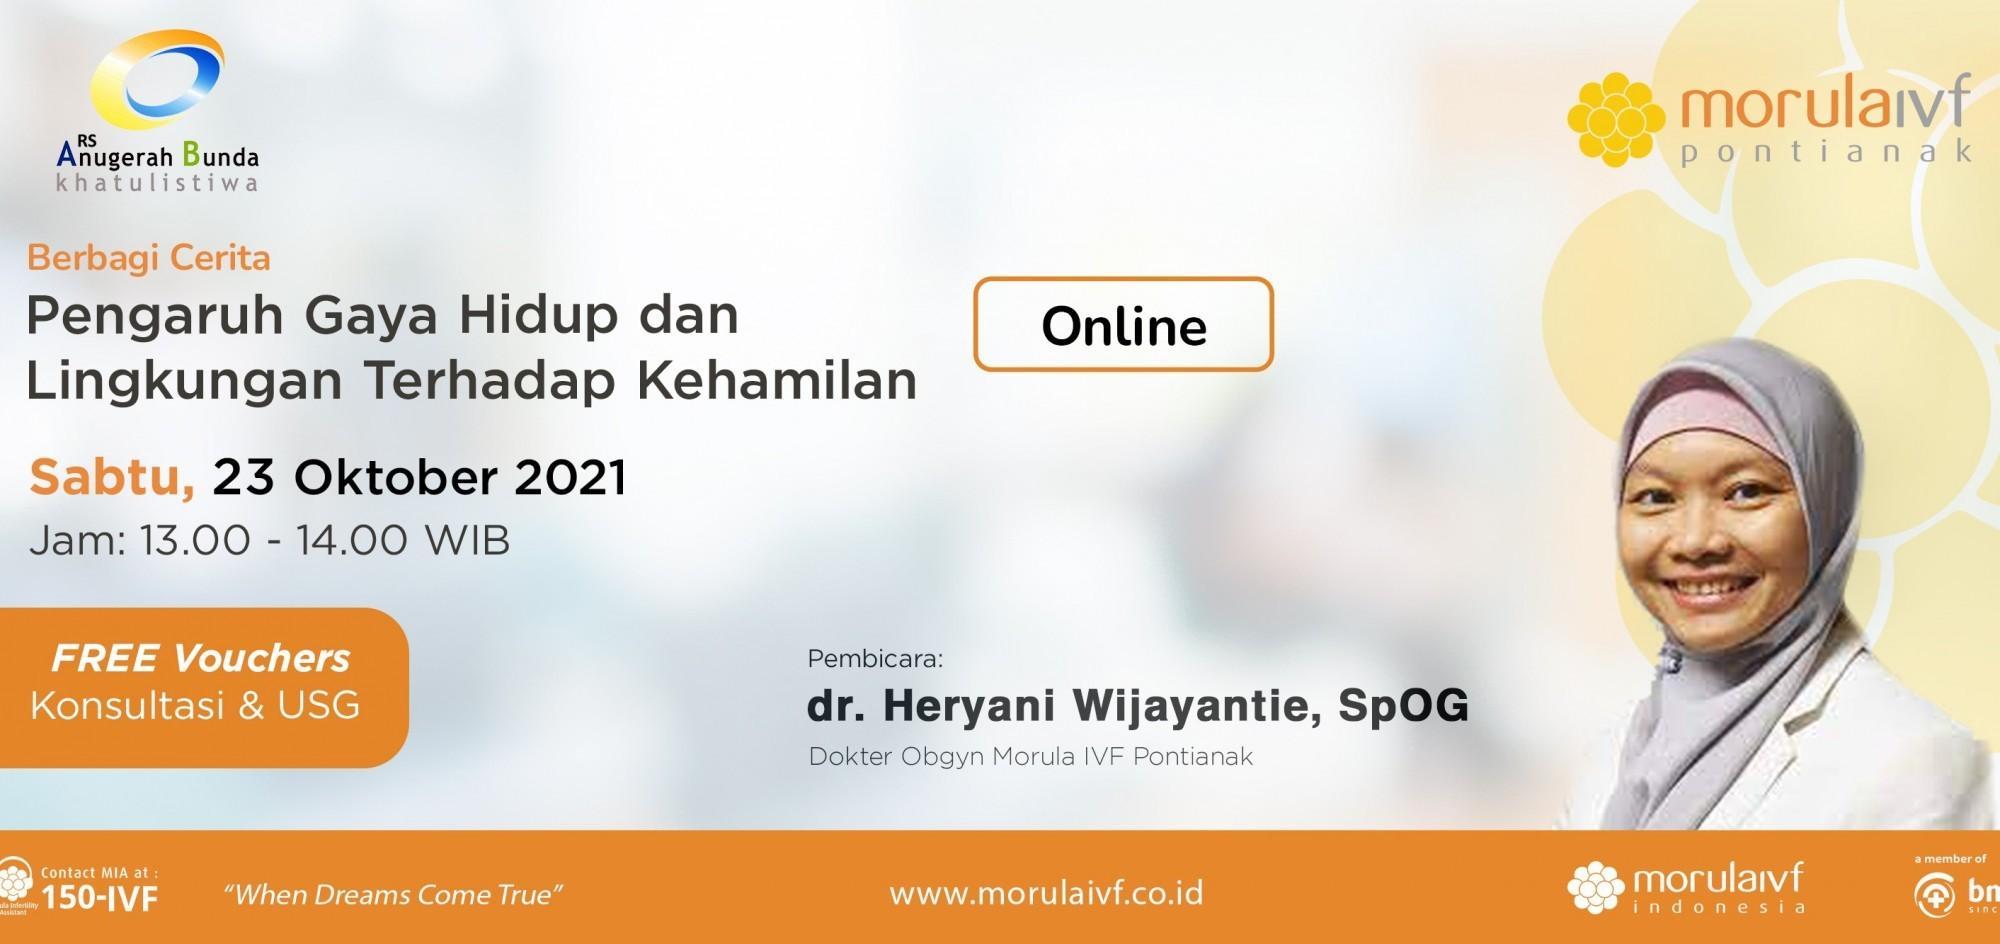 Free Voucher Konsultasi & USG dr. Heryani, SpOG - WEBINAR 231021